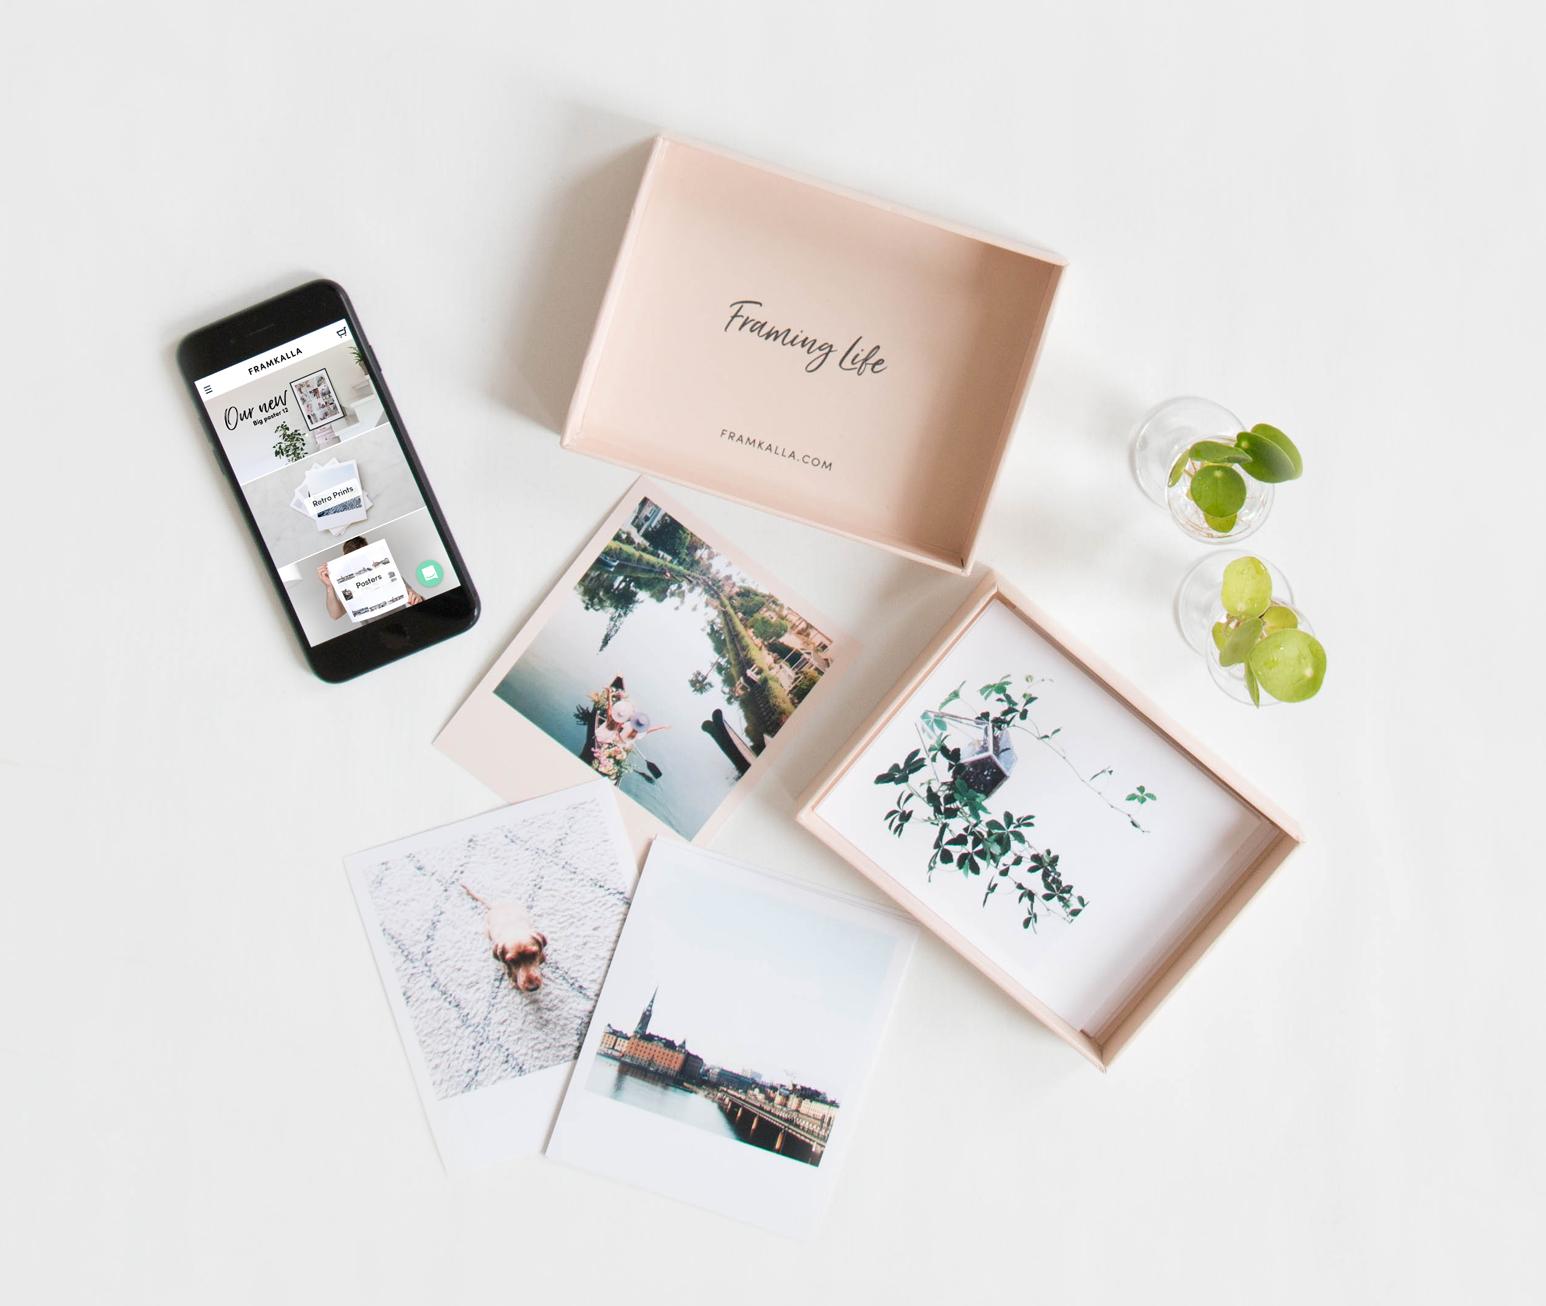 retro_prints_framkalla_App_appstore